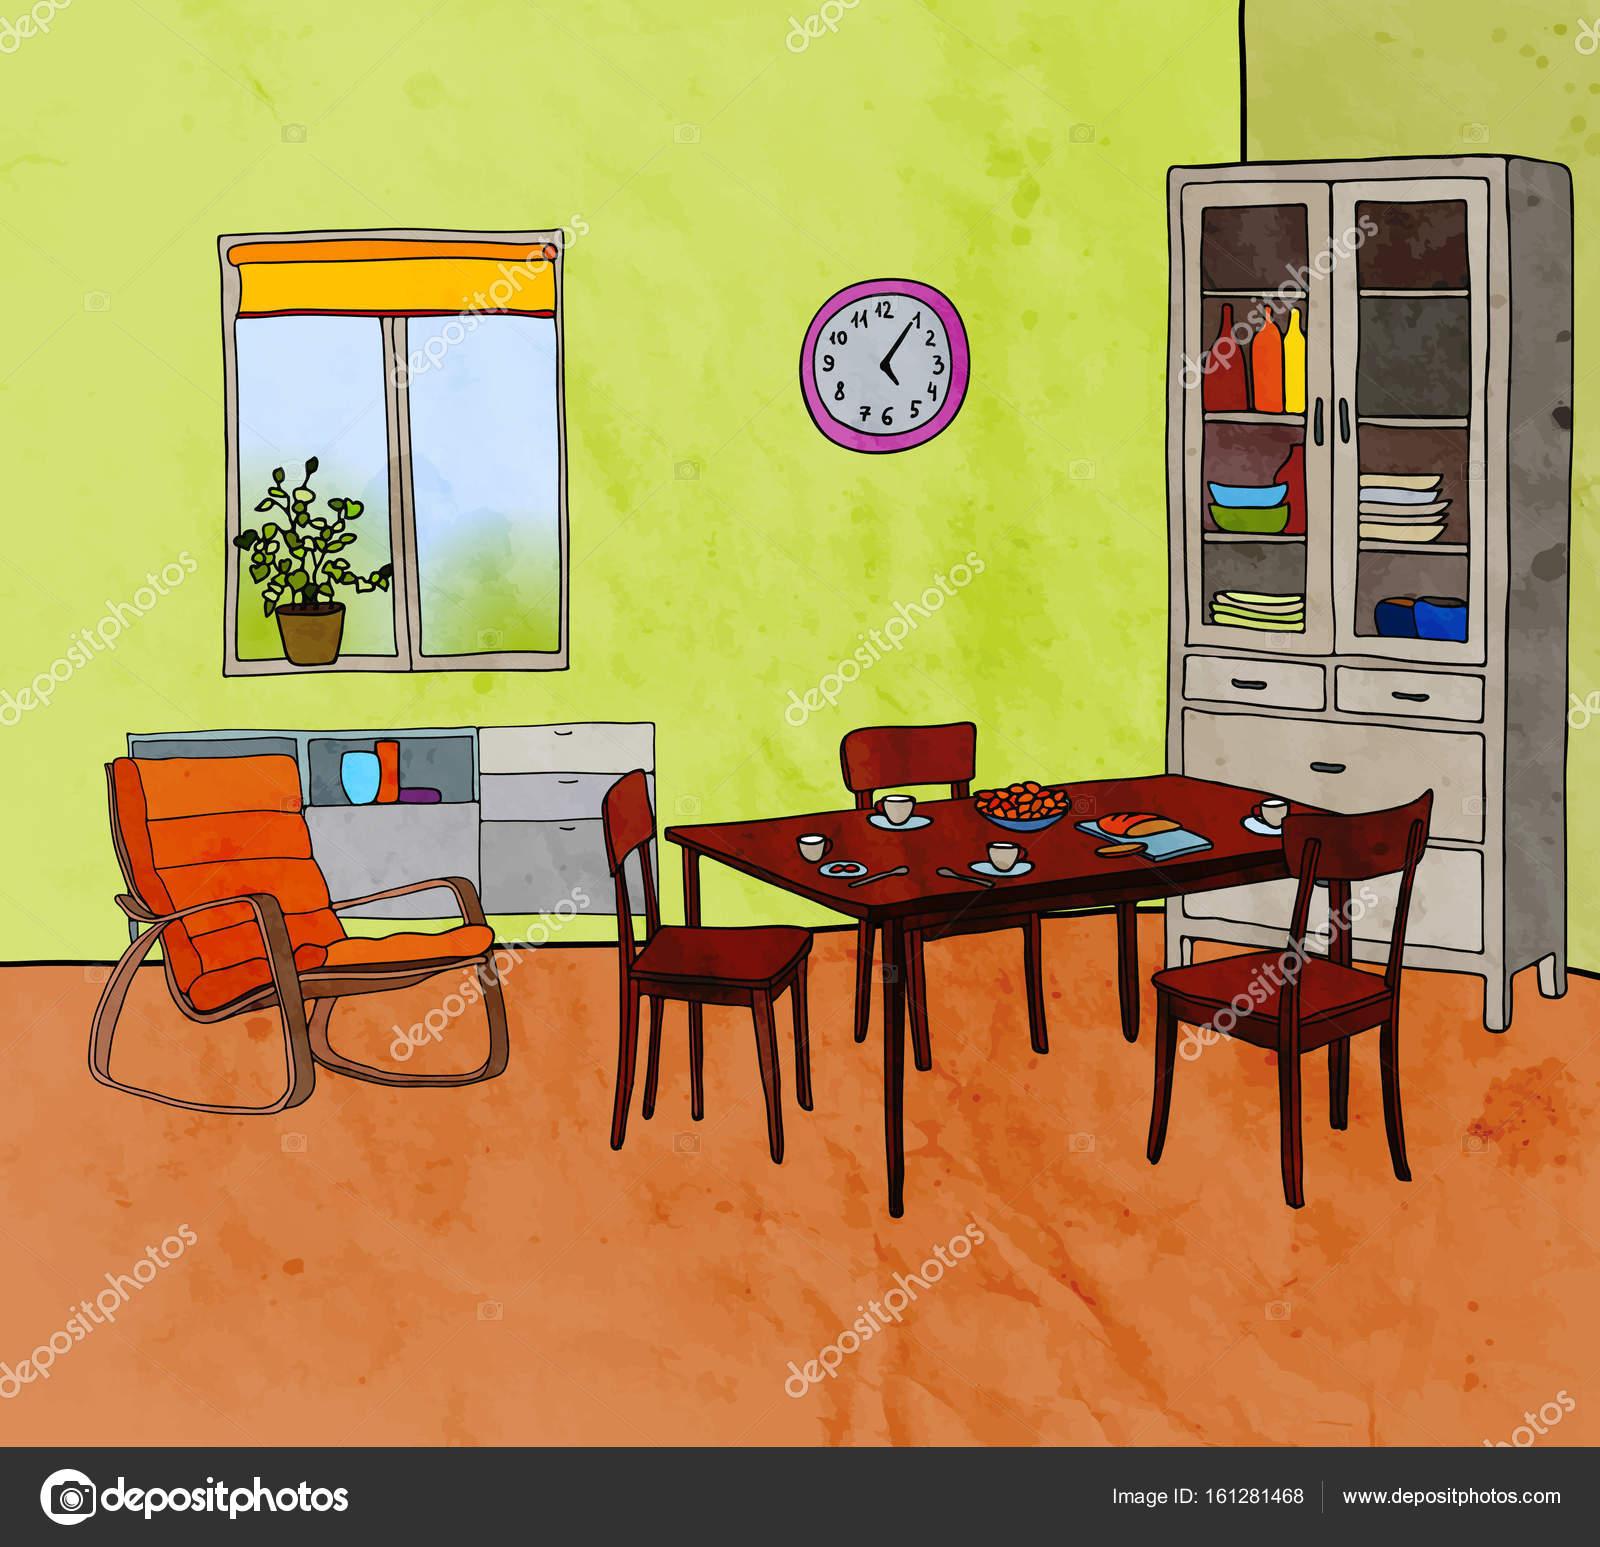 Ilustración de vector de comedor moderno con muebles de color ...